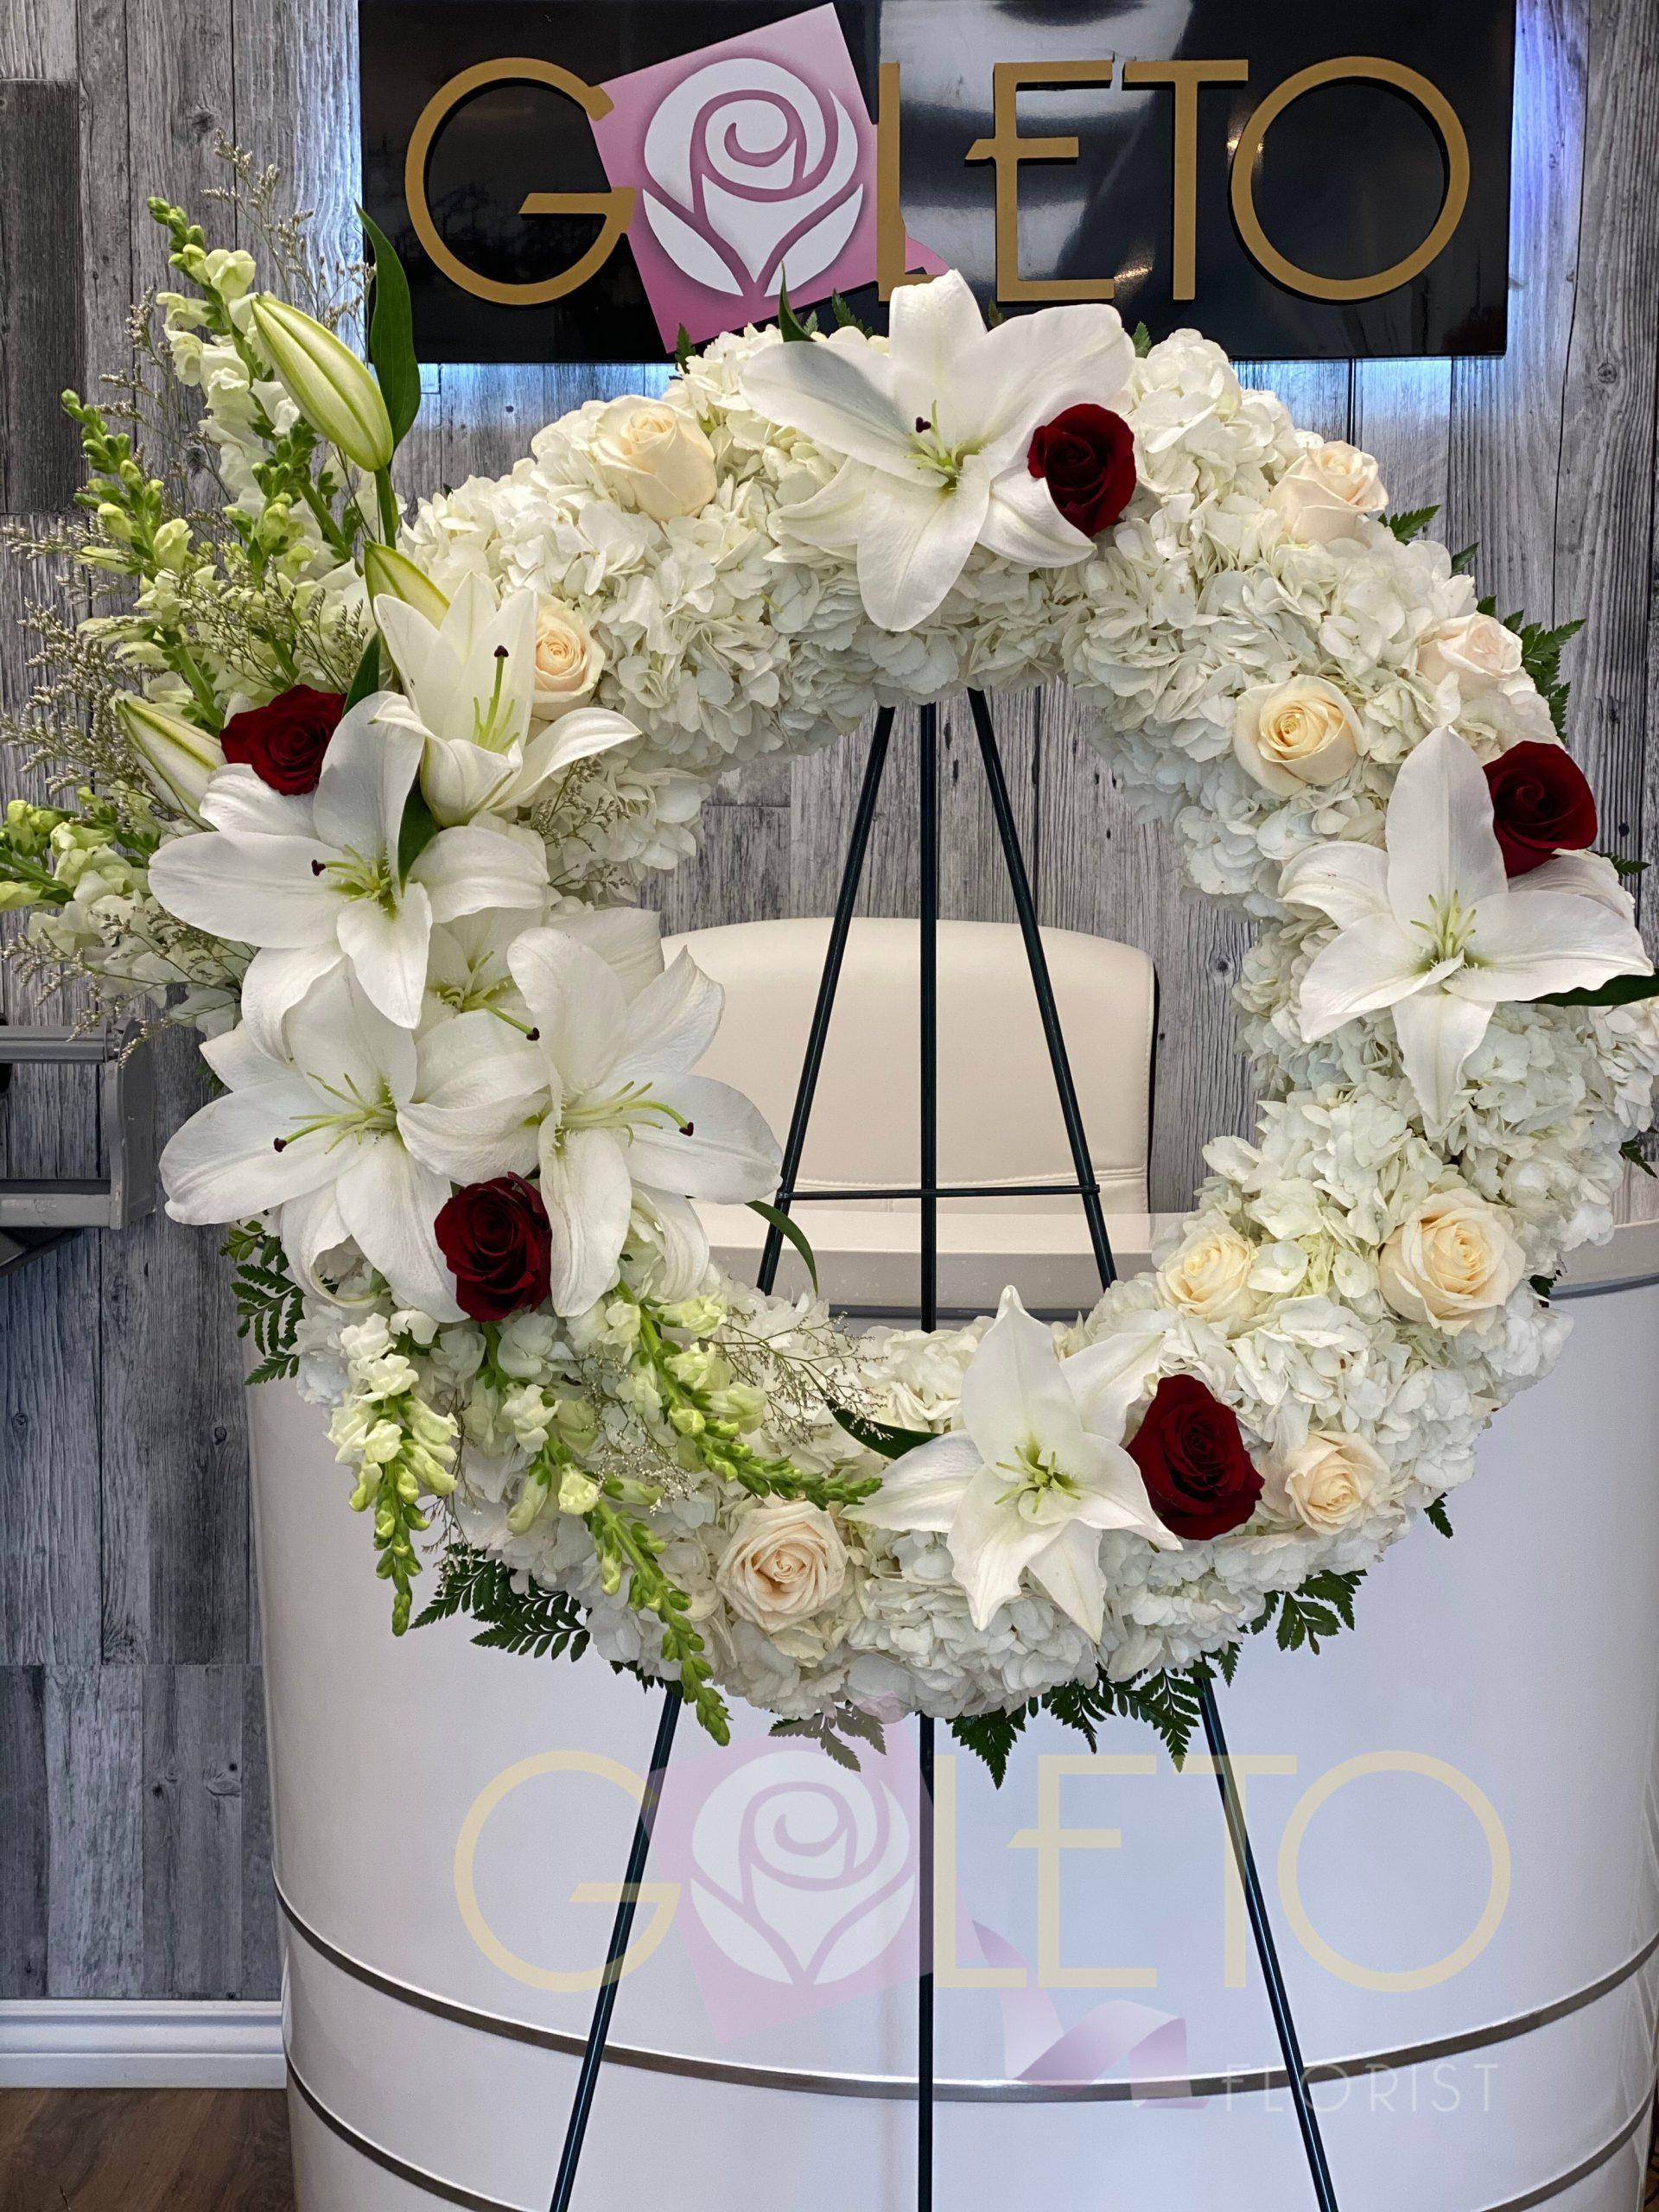 Wreaths & Crosses Funeral